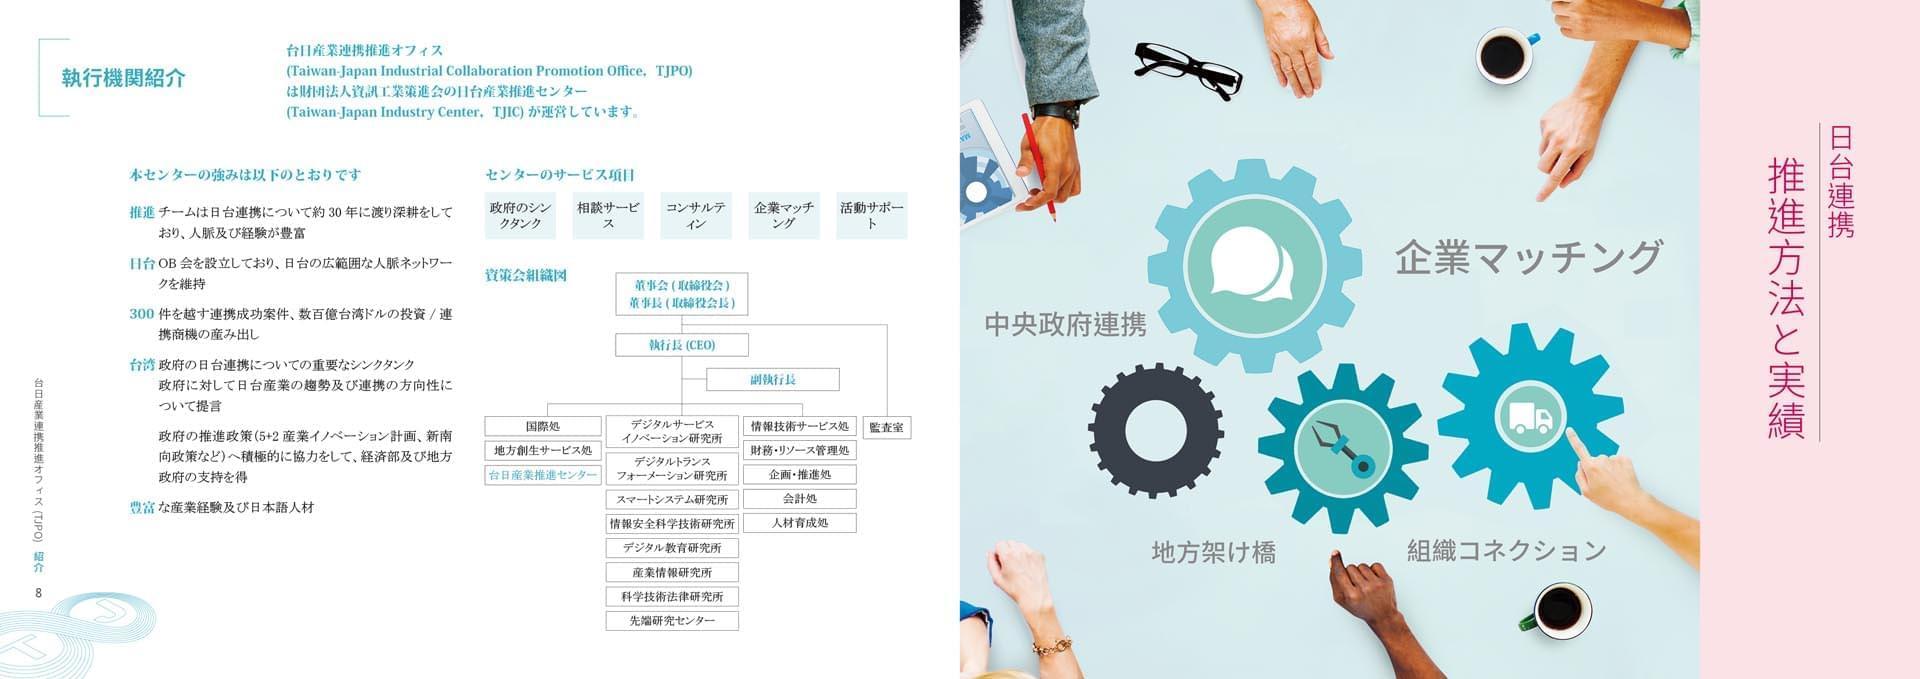 台日型錄-日文版60頁-第二次修改07027